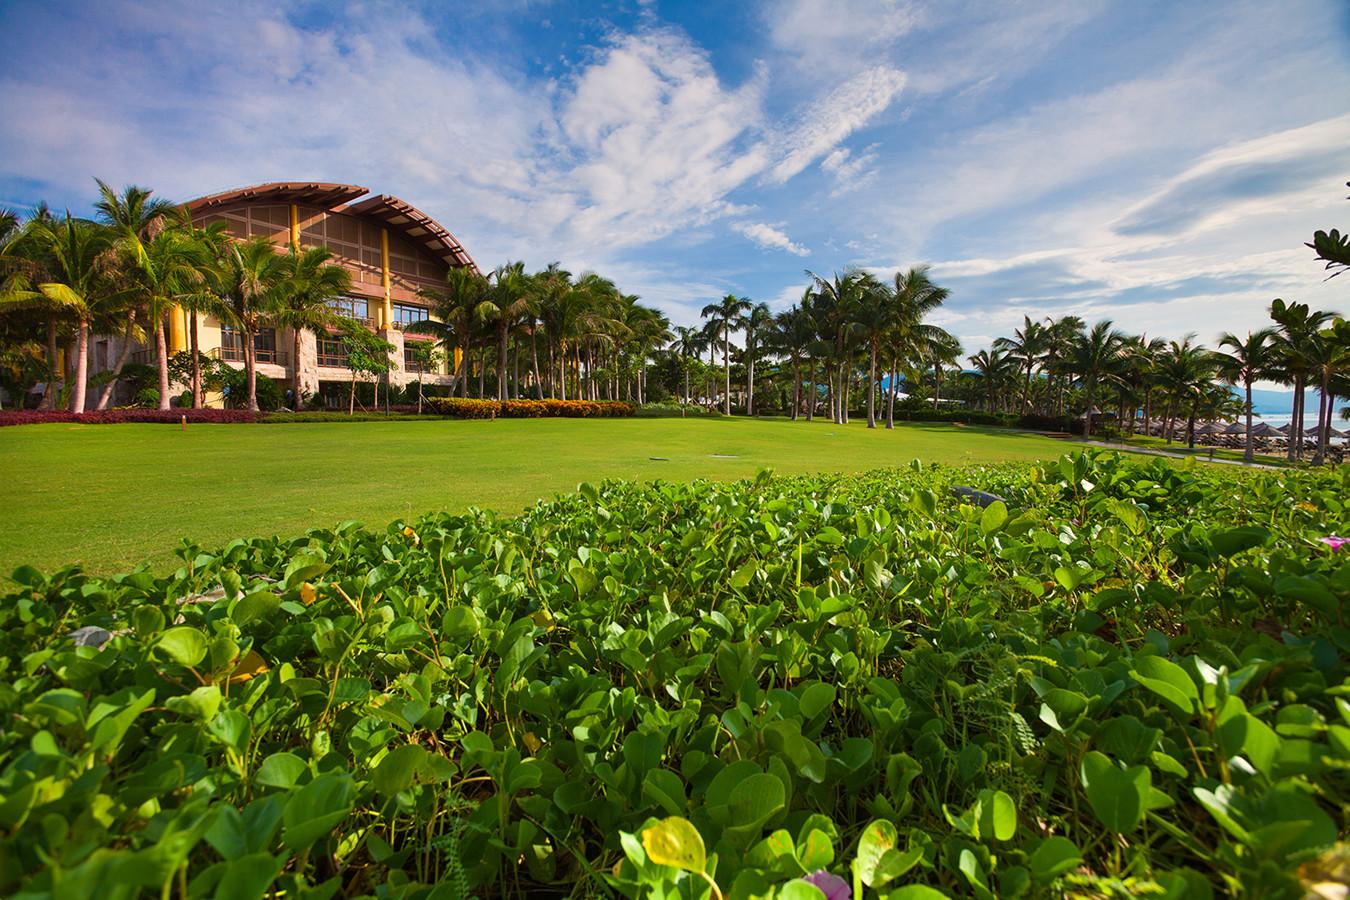 The St. Regis Resort Sanya Yalong Bay Hainan Island